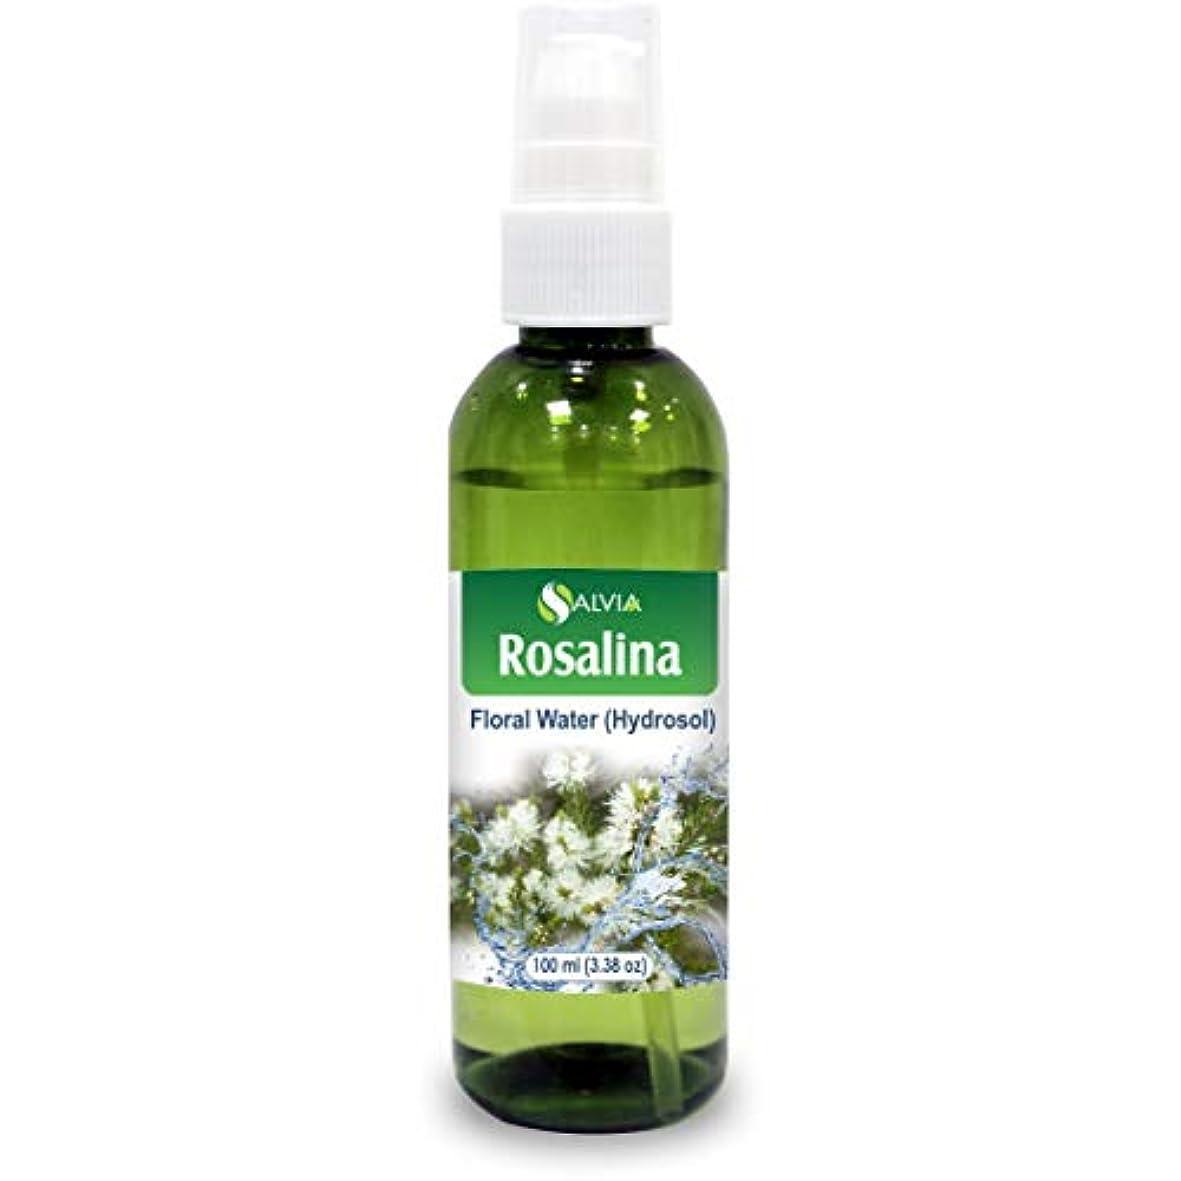 二度下に染料Rosalina Oil Floral Water 100ml (Hydrosol) 100% Pure And Natural